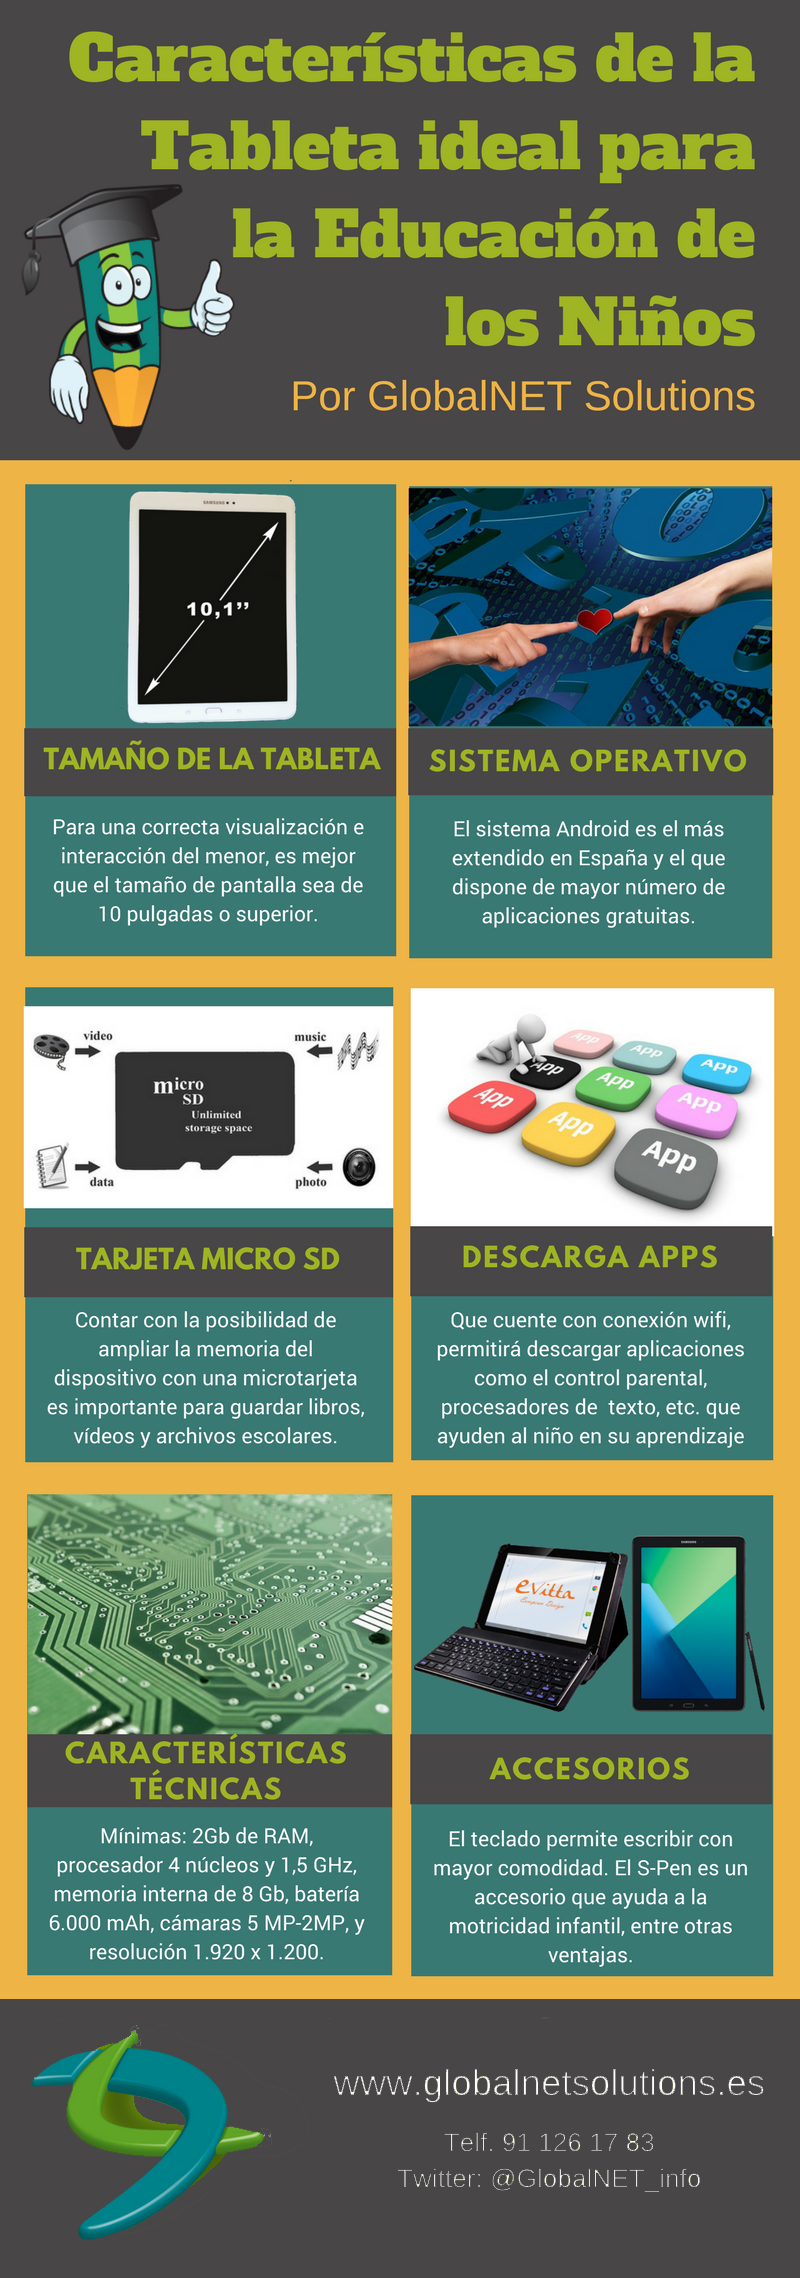 6 características que debe tener la Tableta ideal para la Educación Infantil